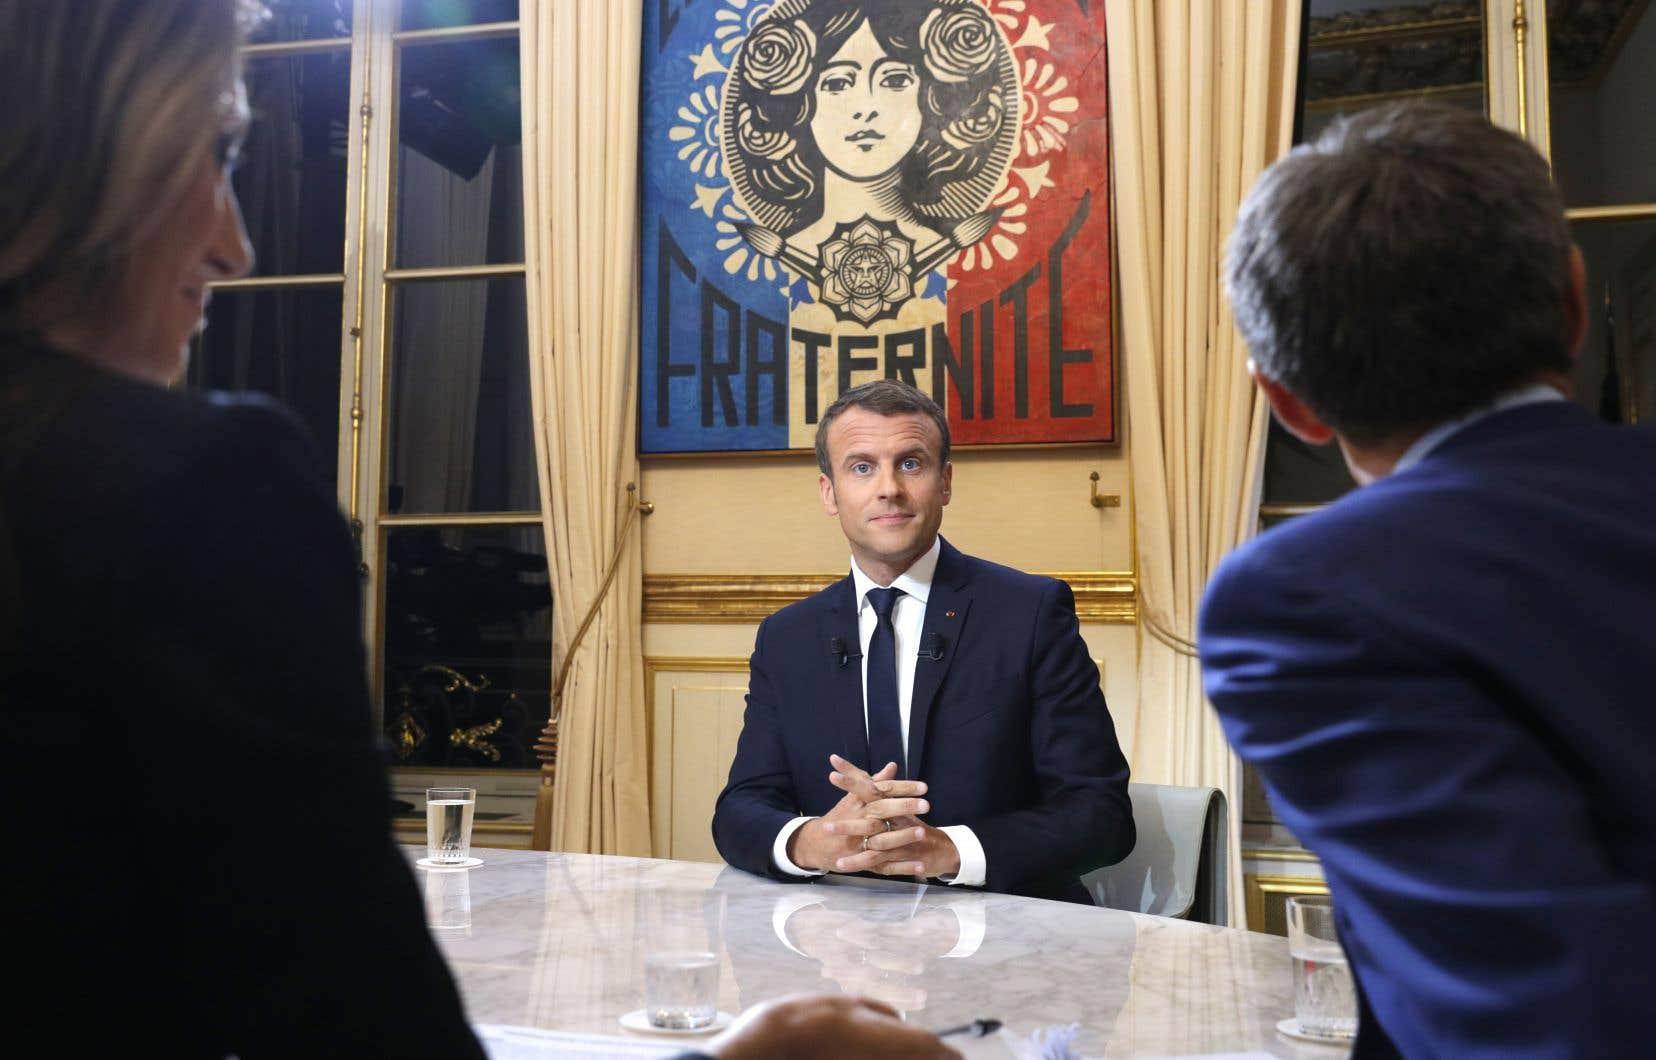 Depuis son élection, Emmanuel Macron a convié à dîner l'ancien président Nicolas Sarkozy, mais pas François Hollande, dont il avait pourtant été le ministre de l'Économie.